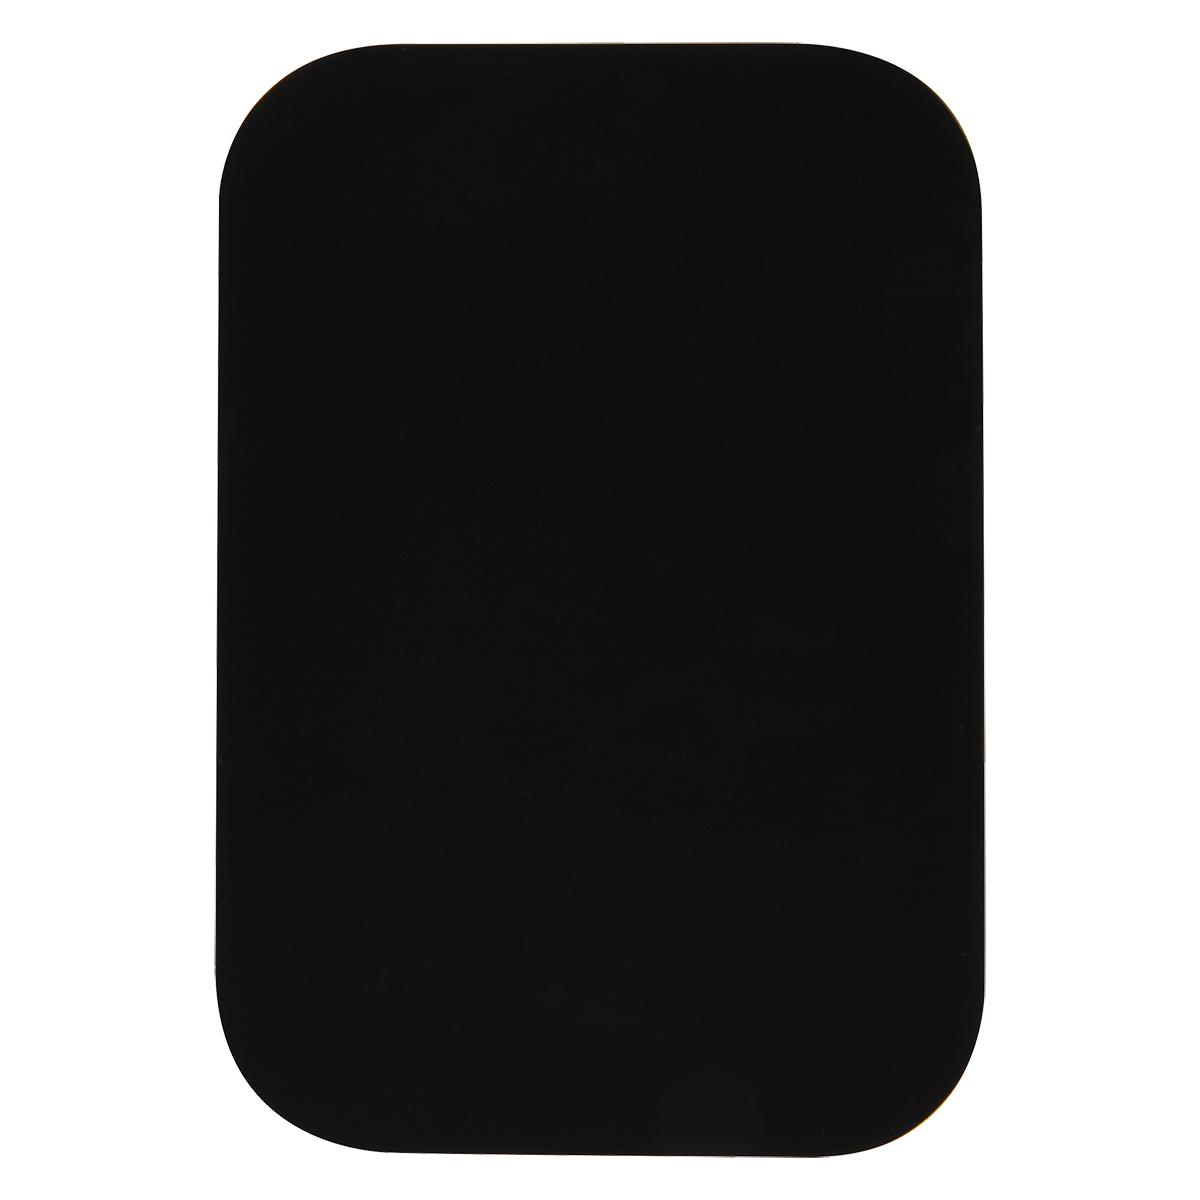 264 - Soporte para Celular Dasher